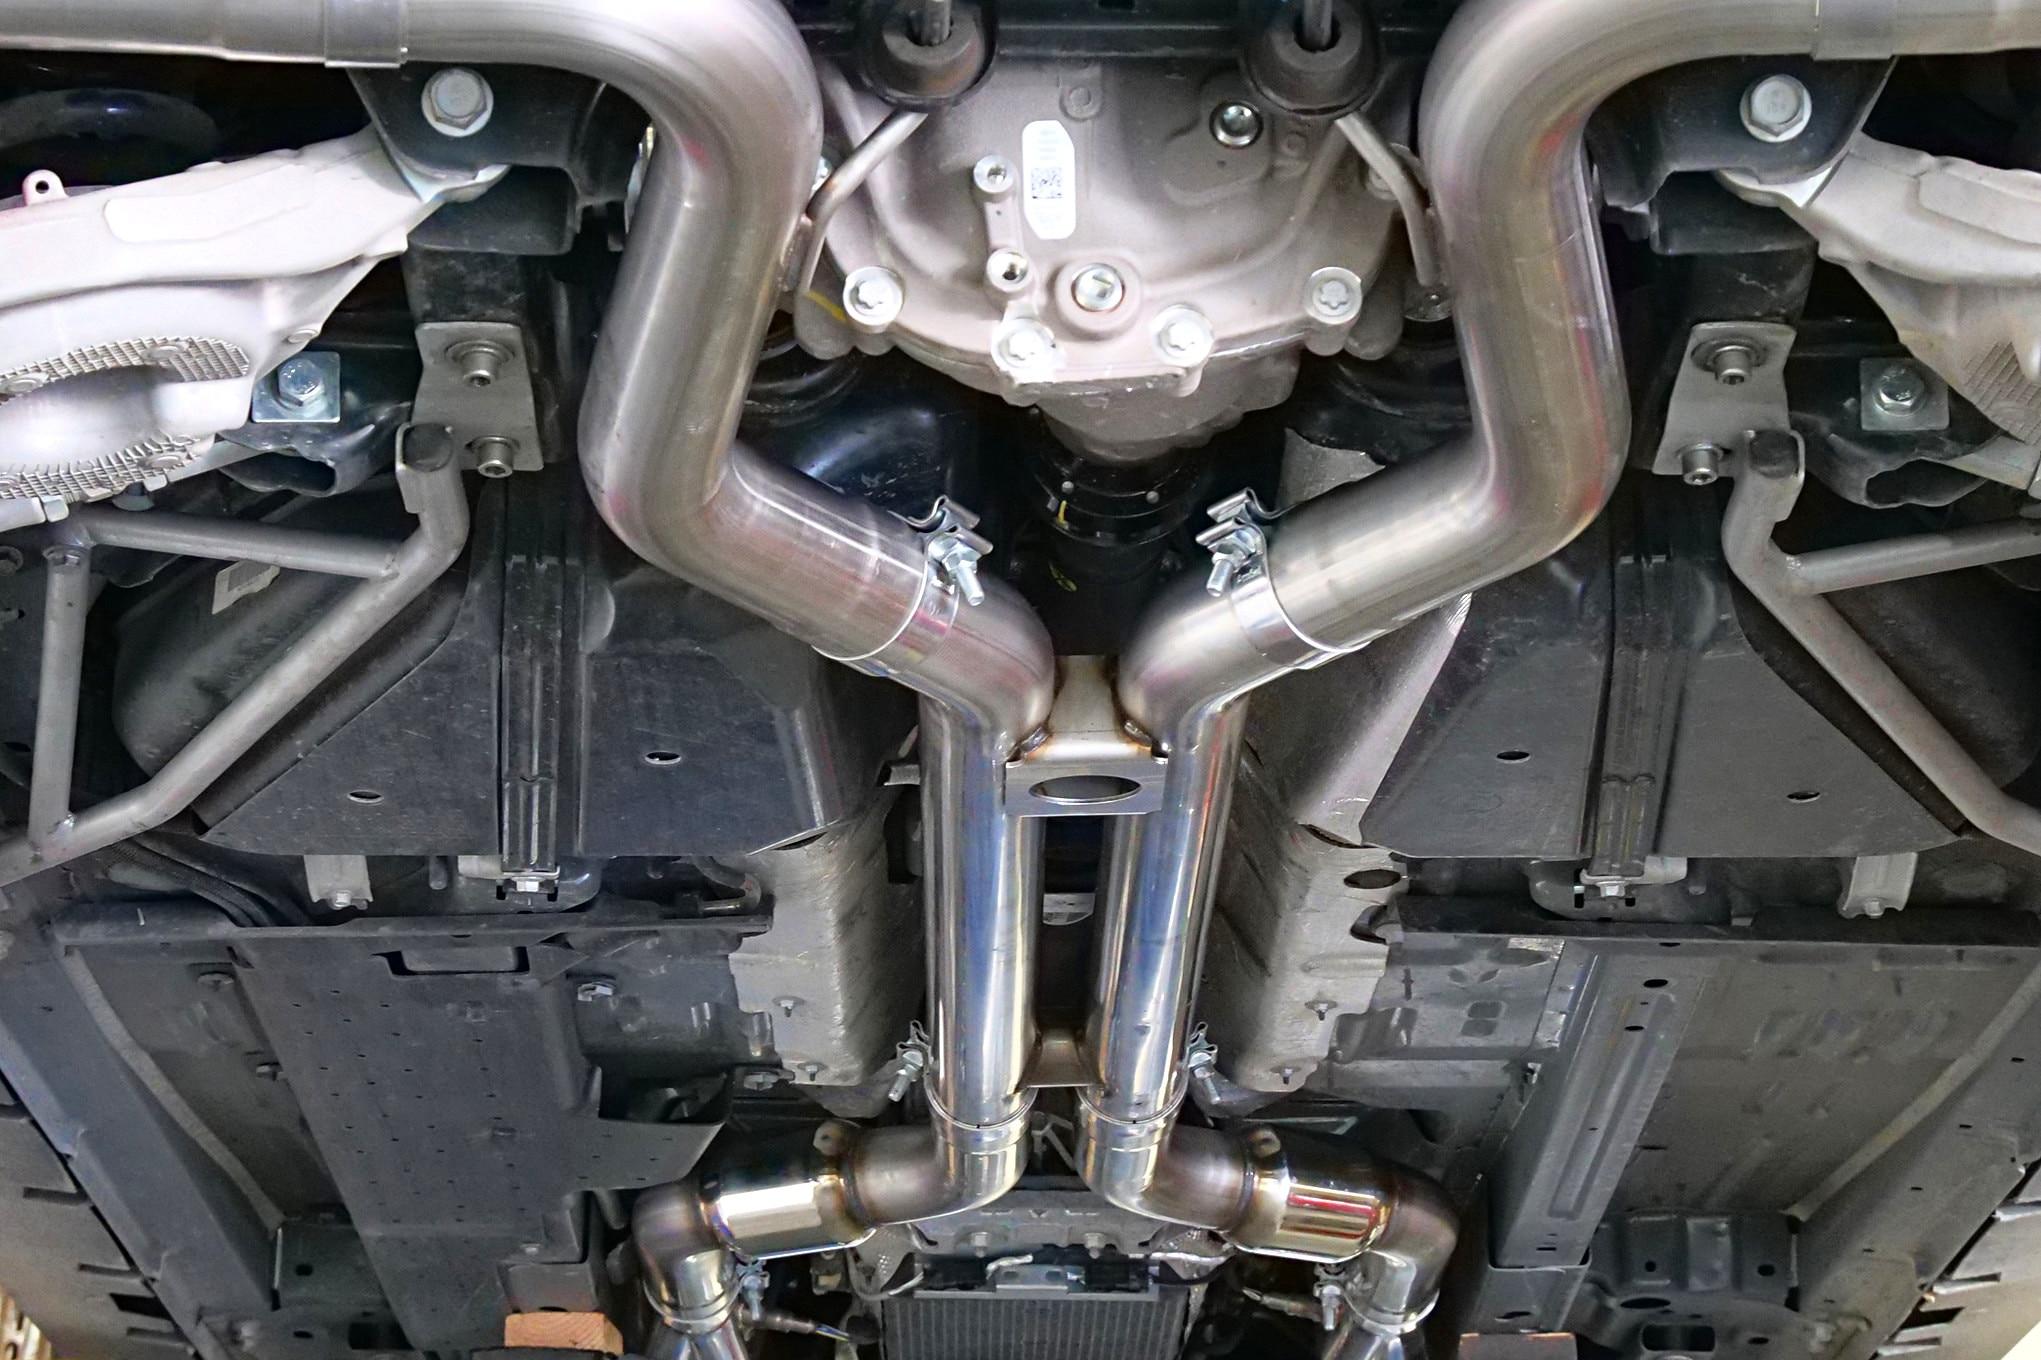 026 Mustang Mbrp Headers Exhaust